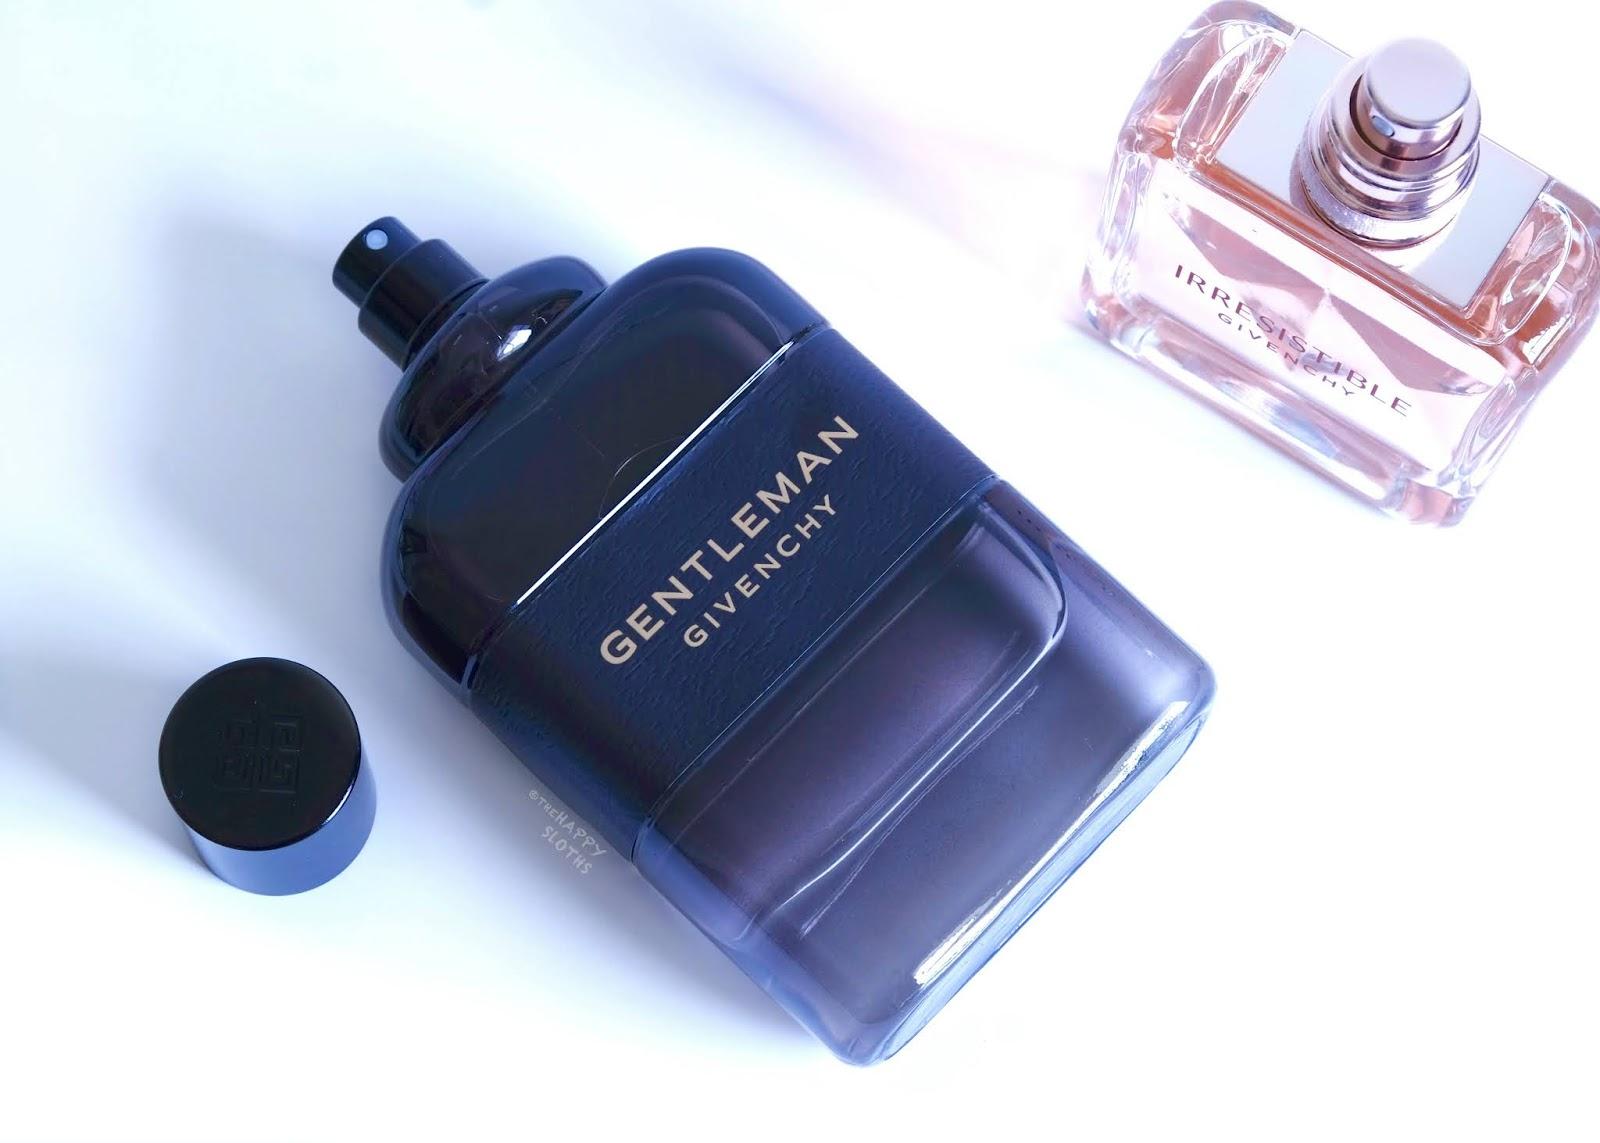 Givenchy | Gentleman Boisée Eau de Parfum: Review